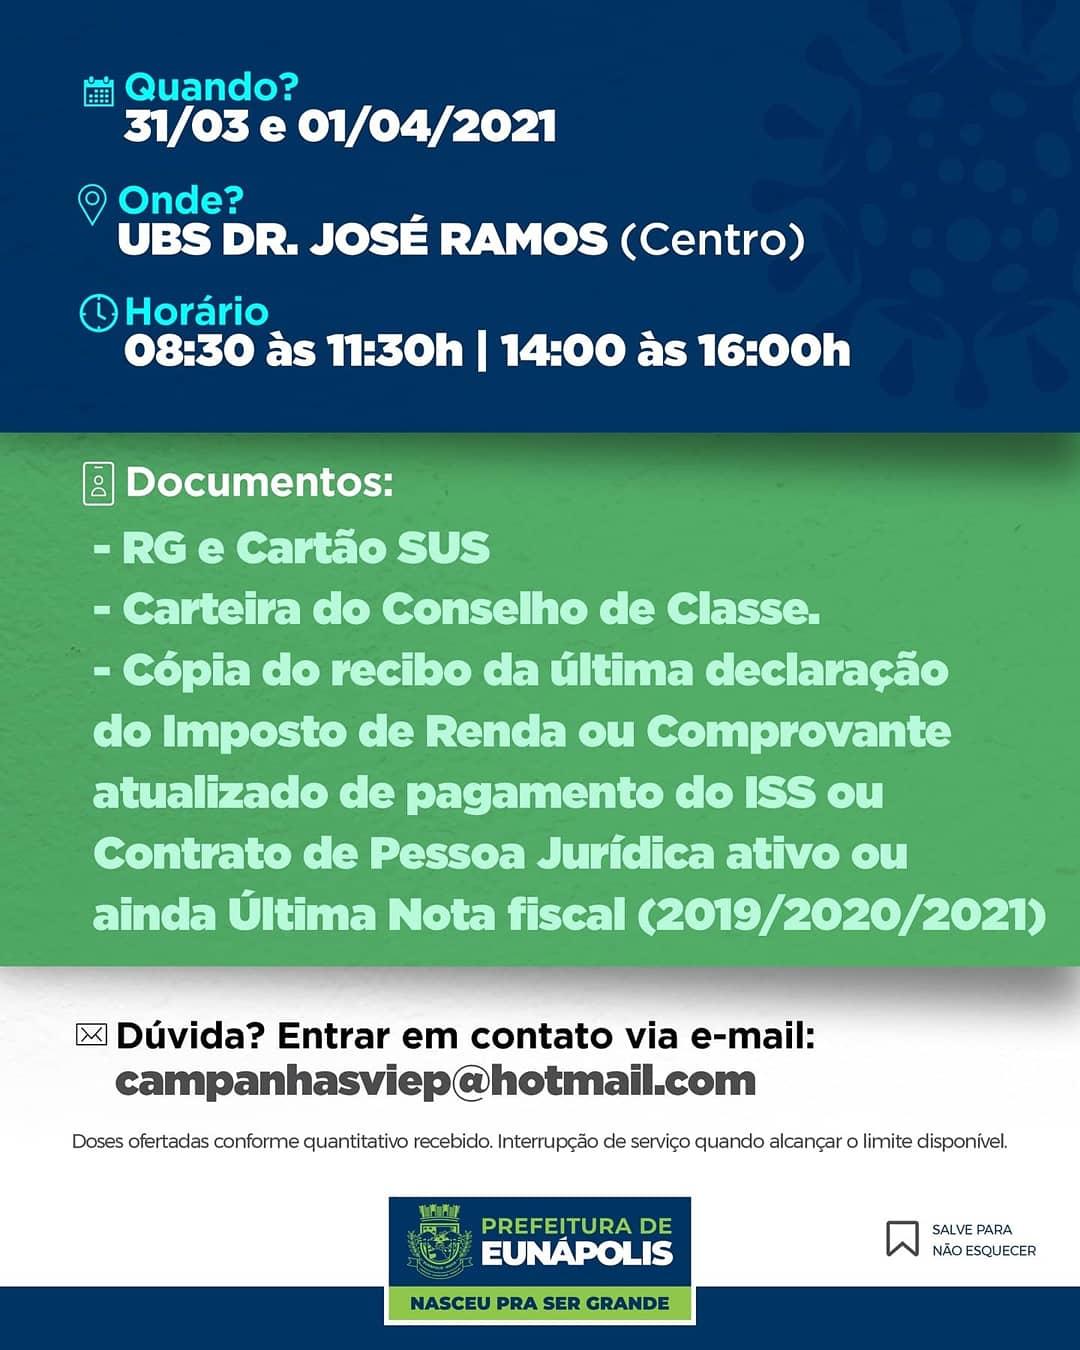 EUNÁPOLIS VACINA OS PROFISSIONAIS DE SAÚDE AUTÔNOMOS A PARTIR DESTA QUARTA, 31 21